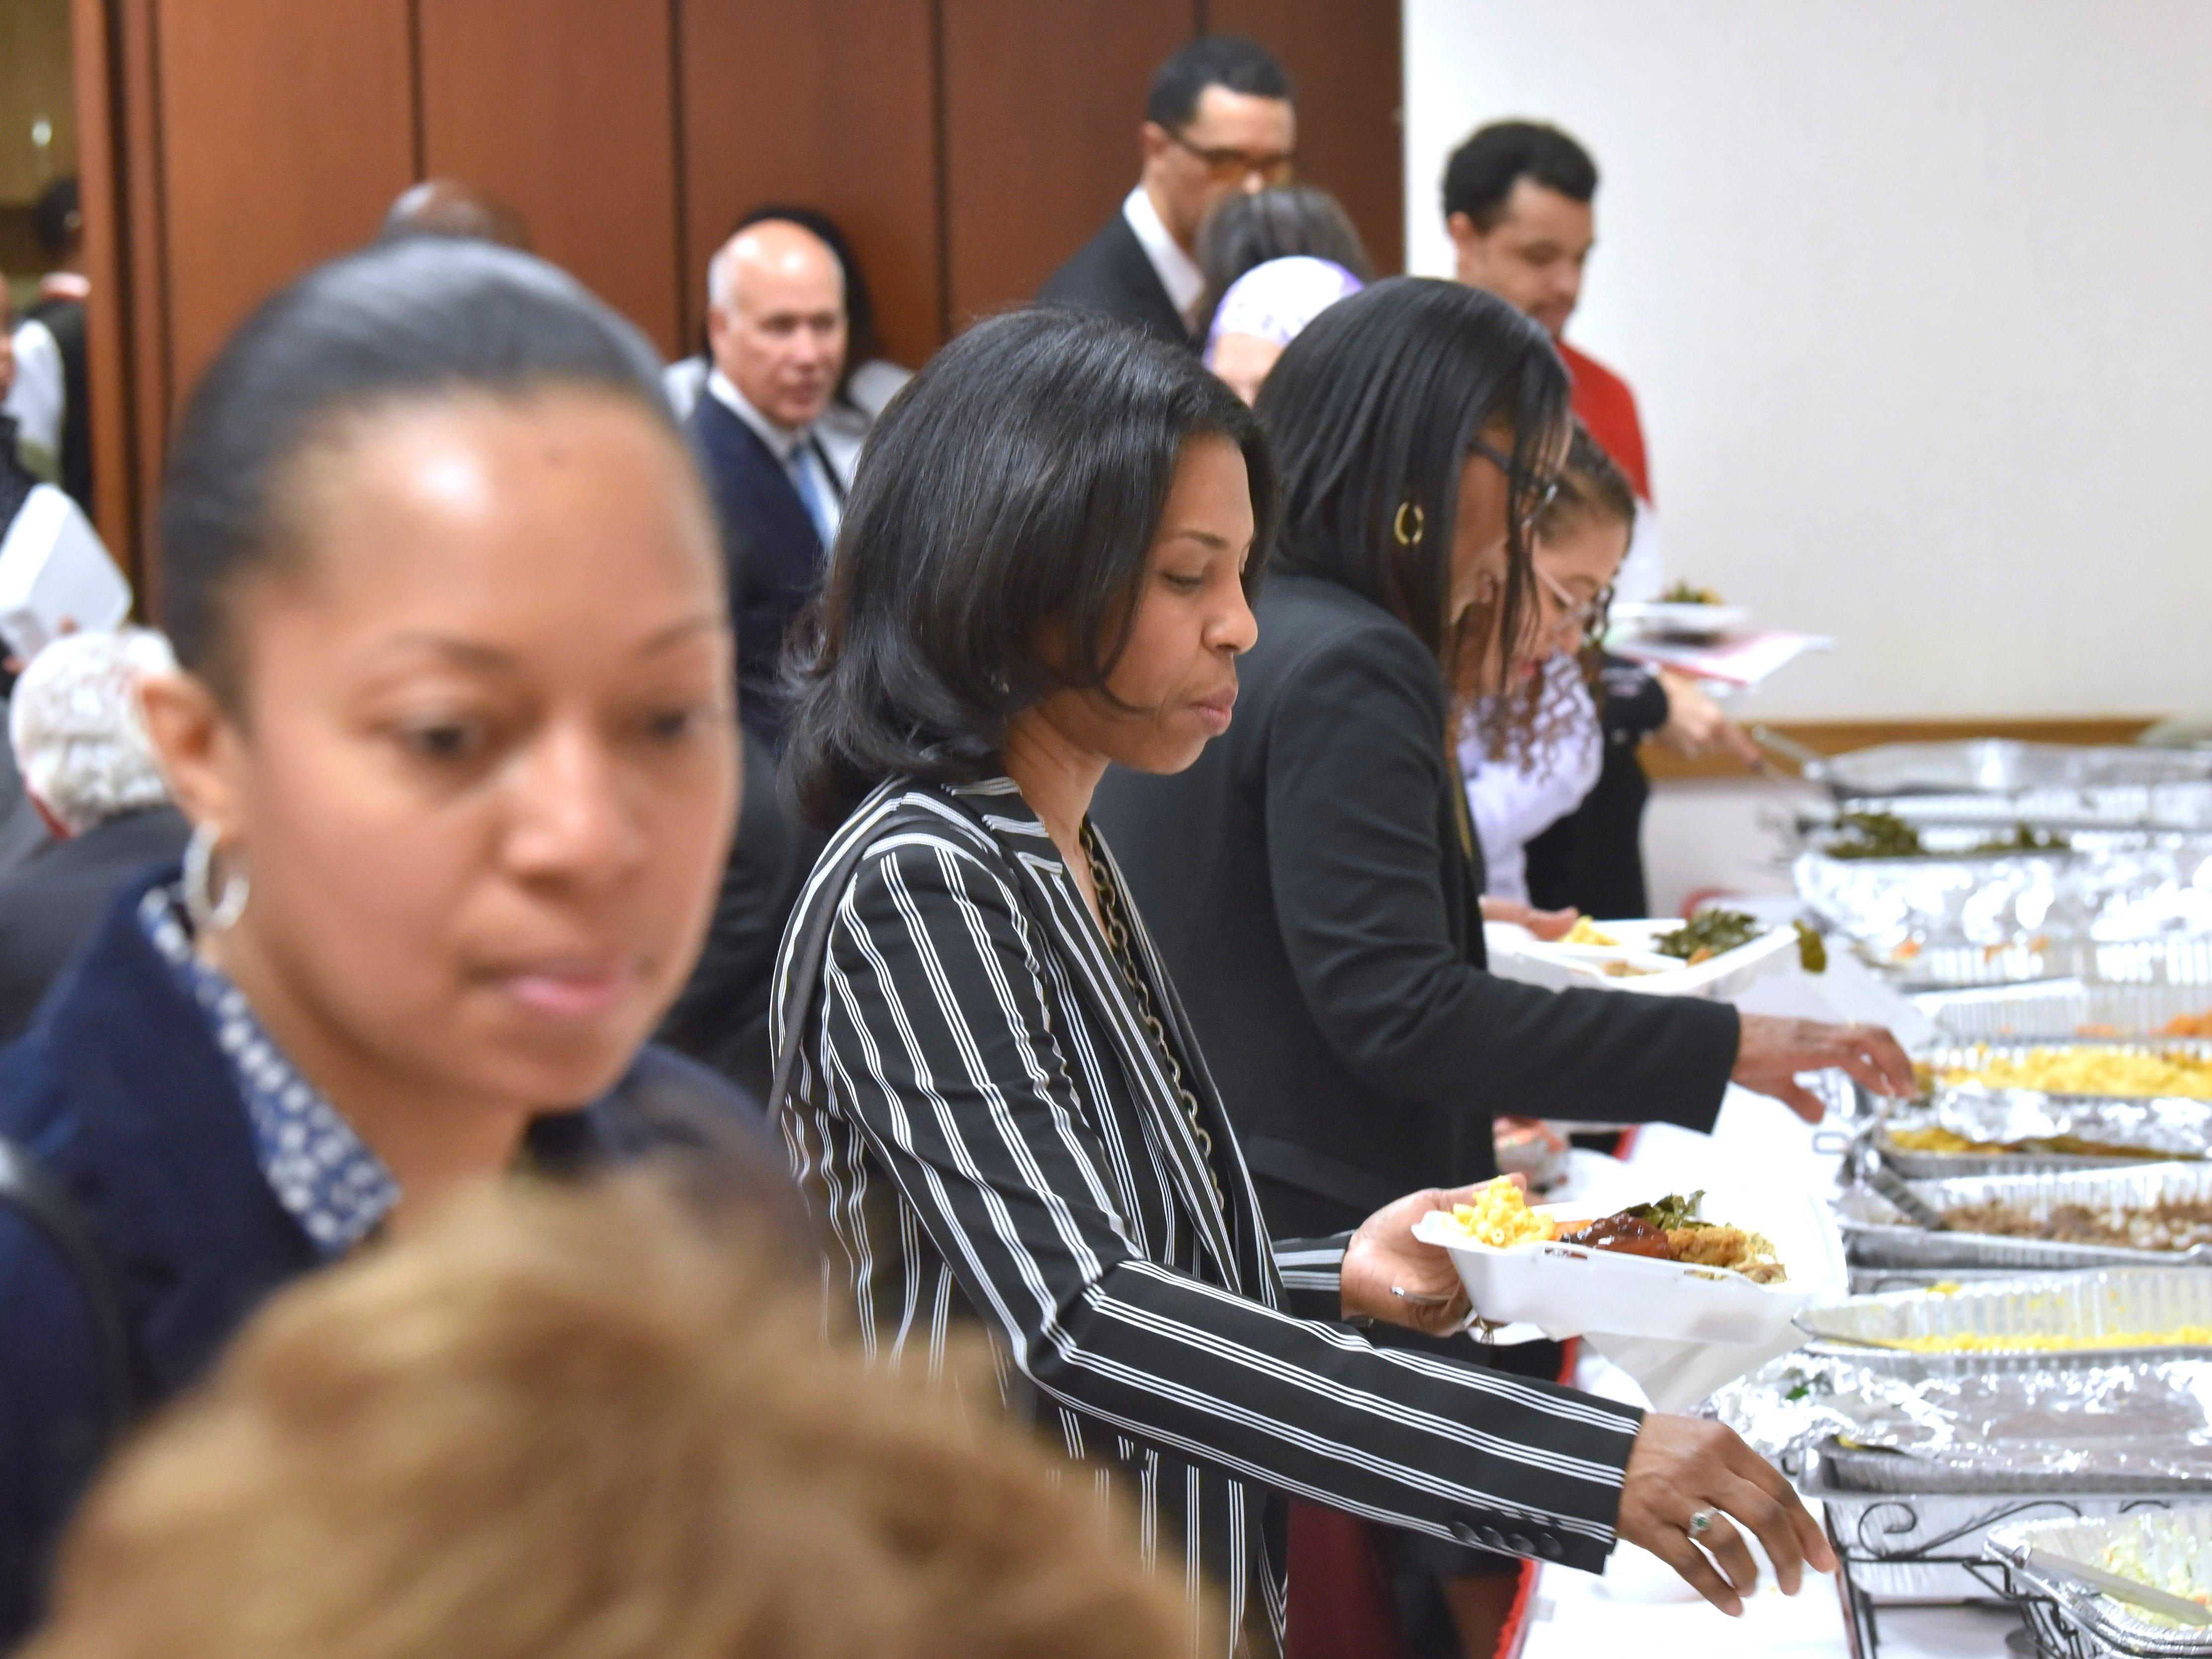 Bonita Gardner, center, former court clerk for Judge Keith, serves herself soul food.